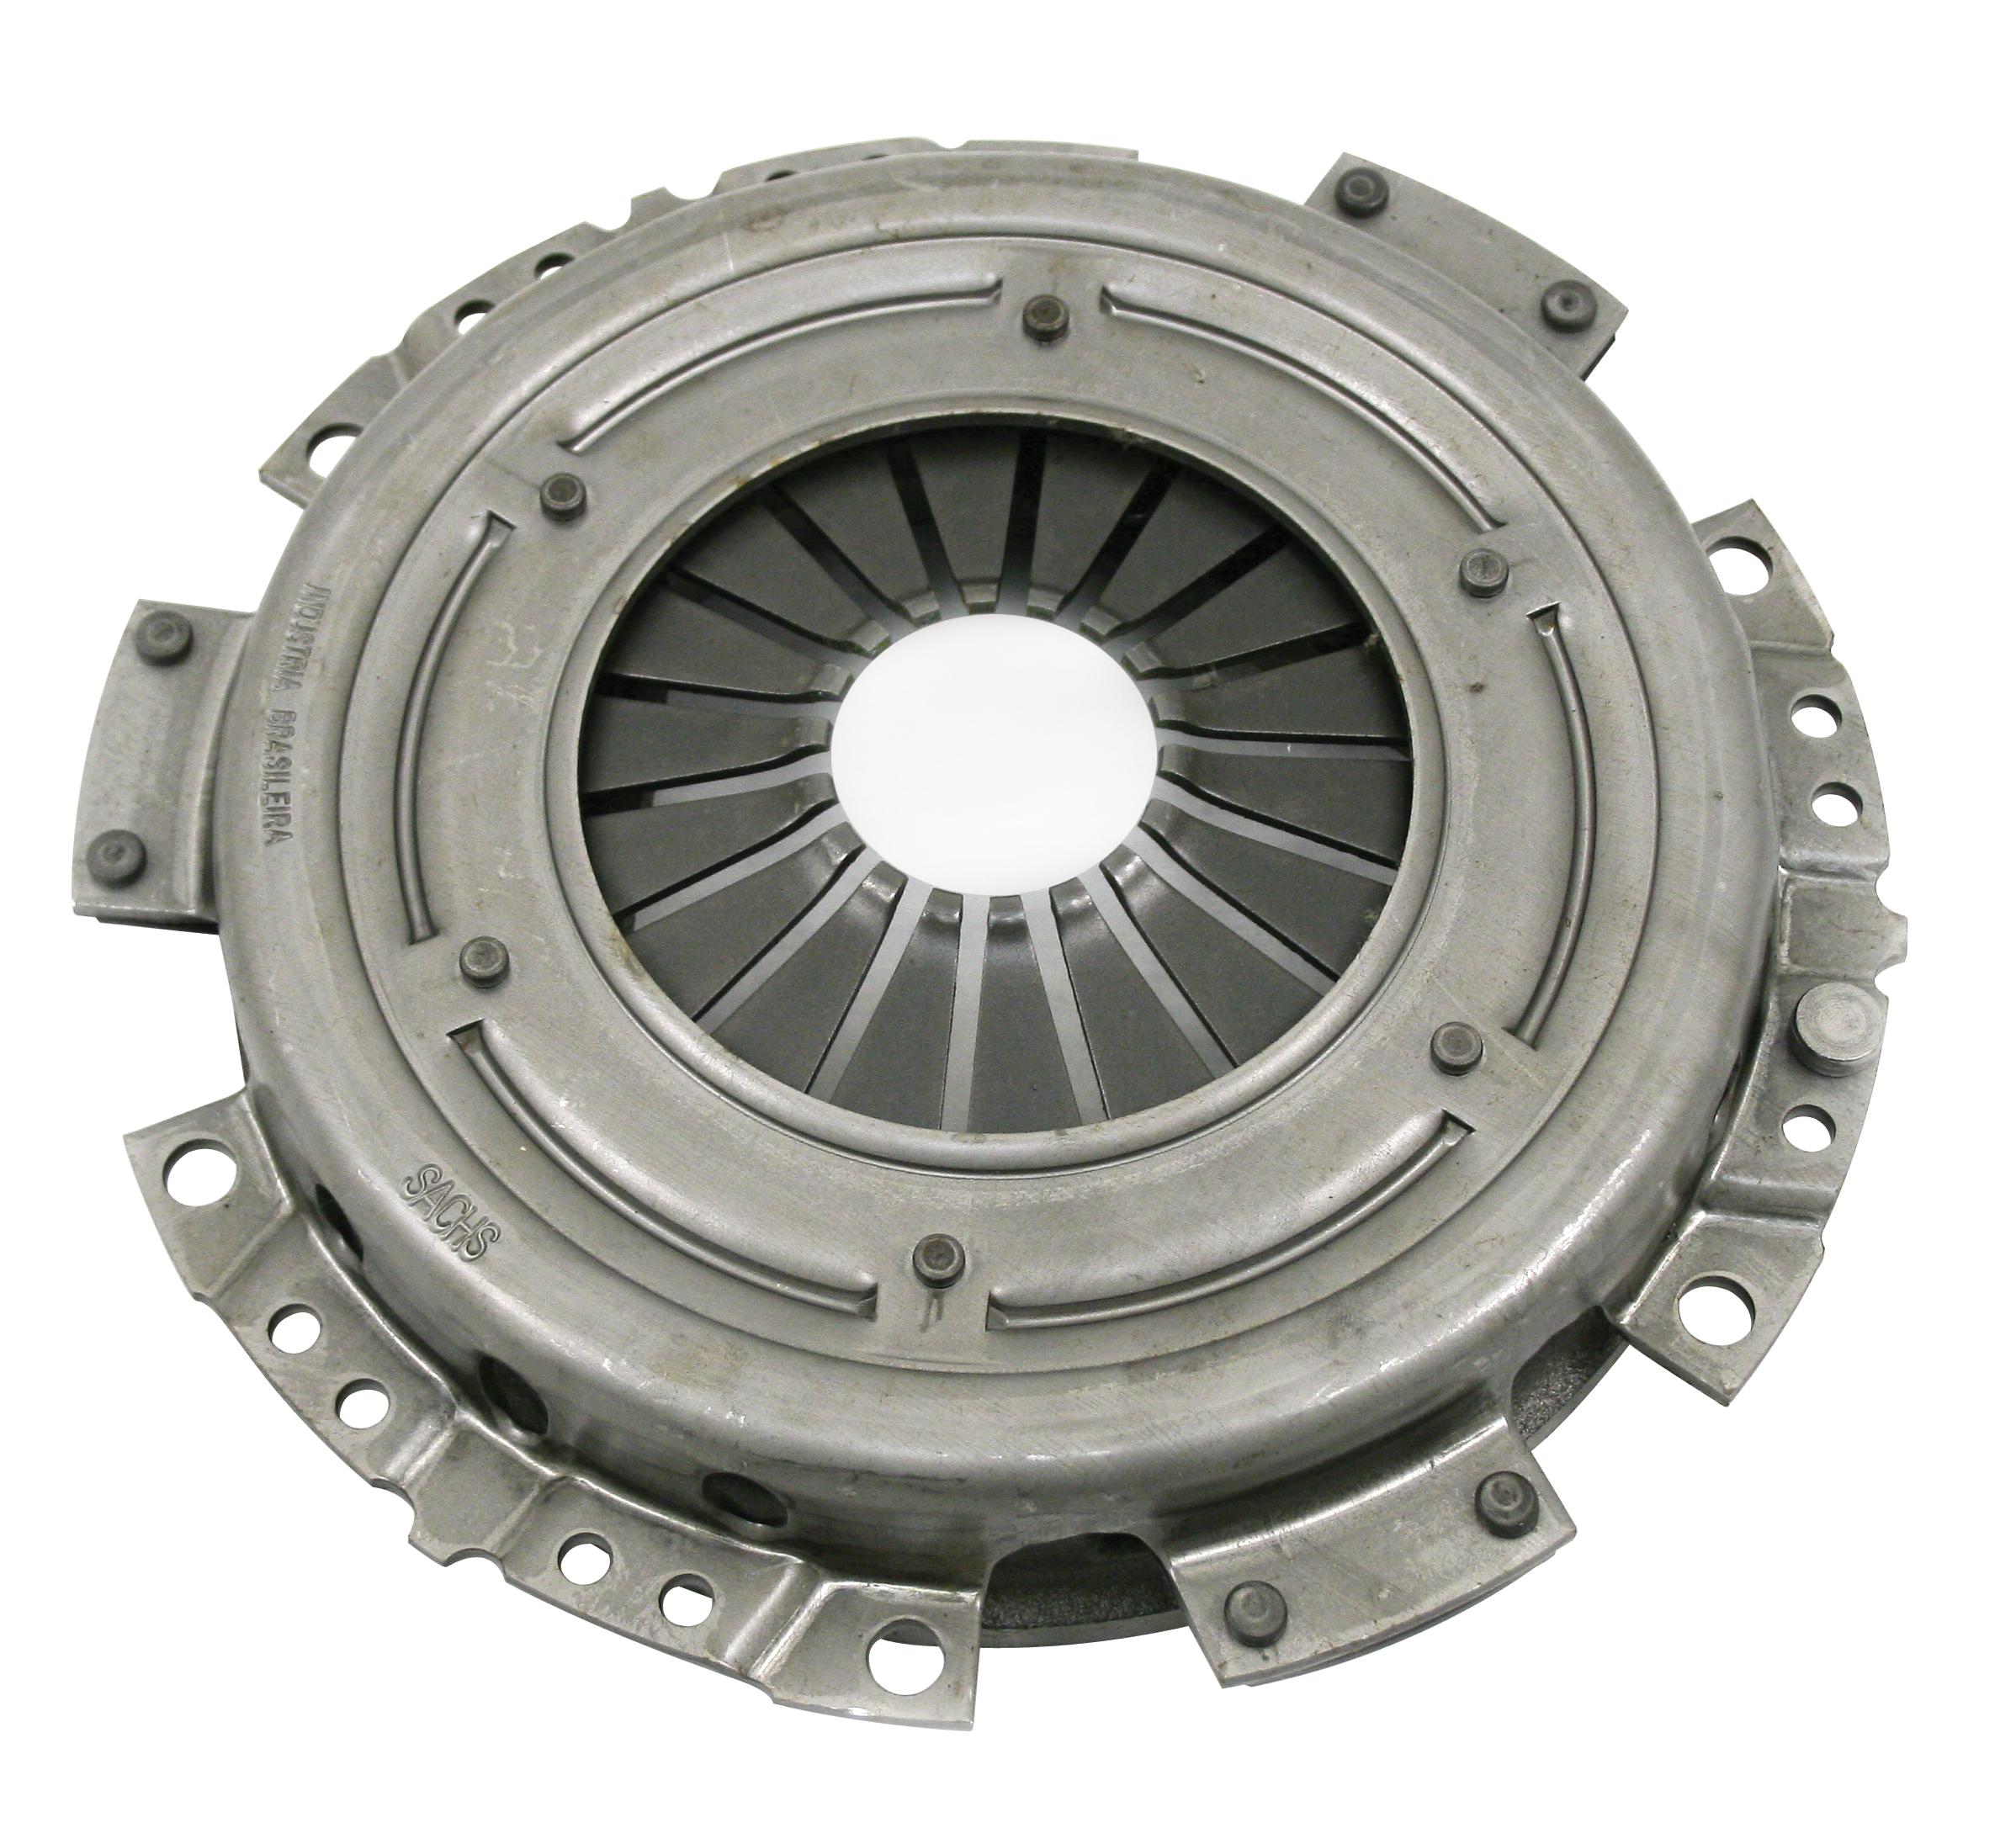 Clutch Pressure Plate 215mm - 022141025A